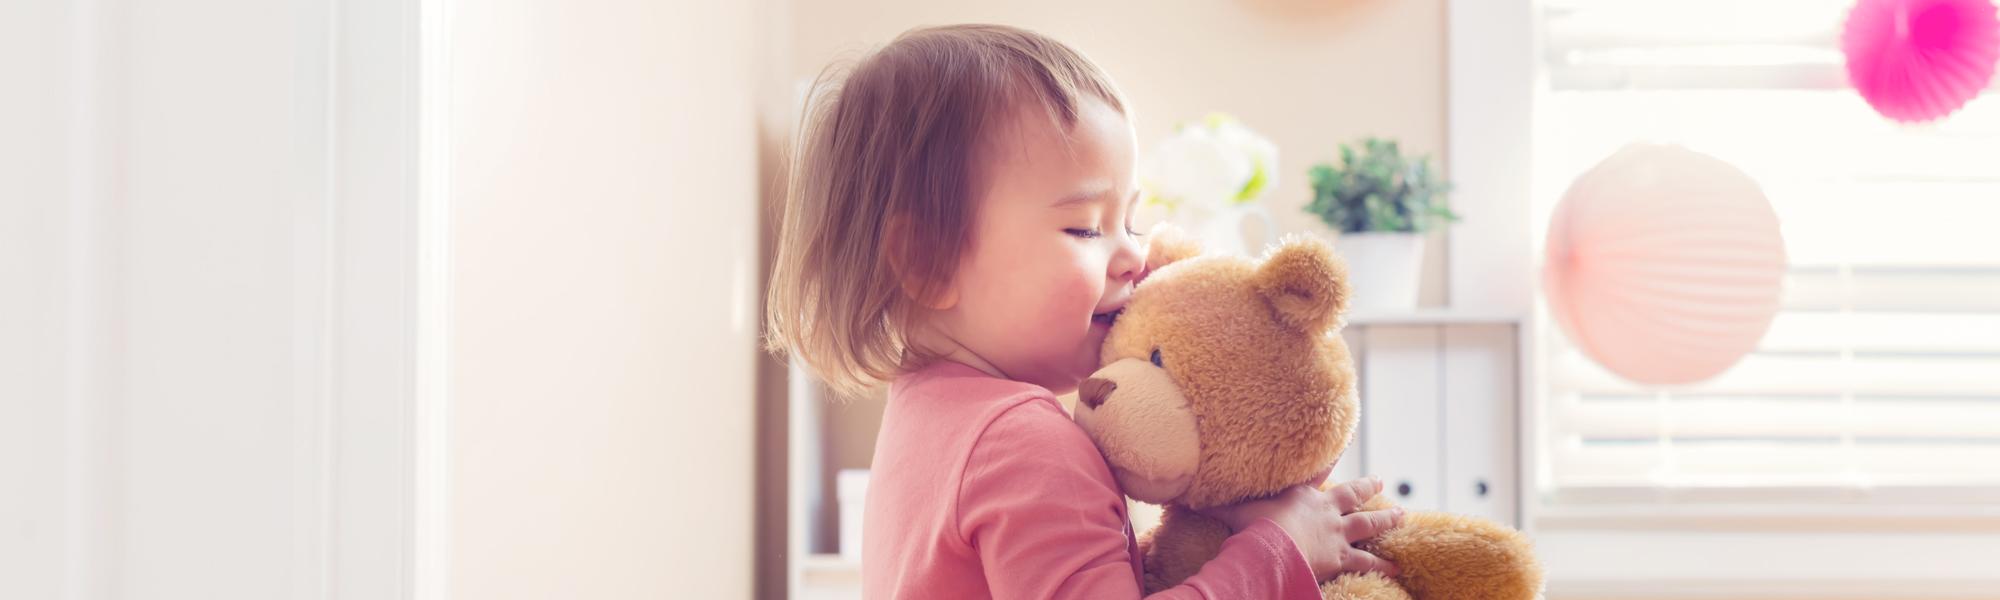 宁波小孩子五岁不会说话